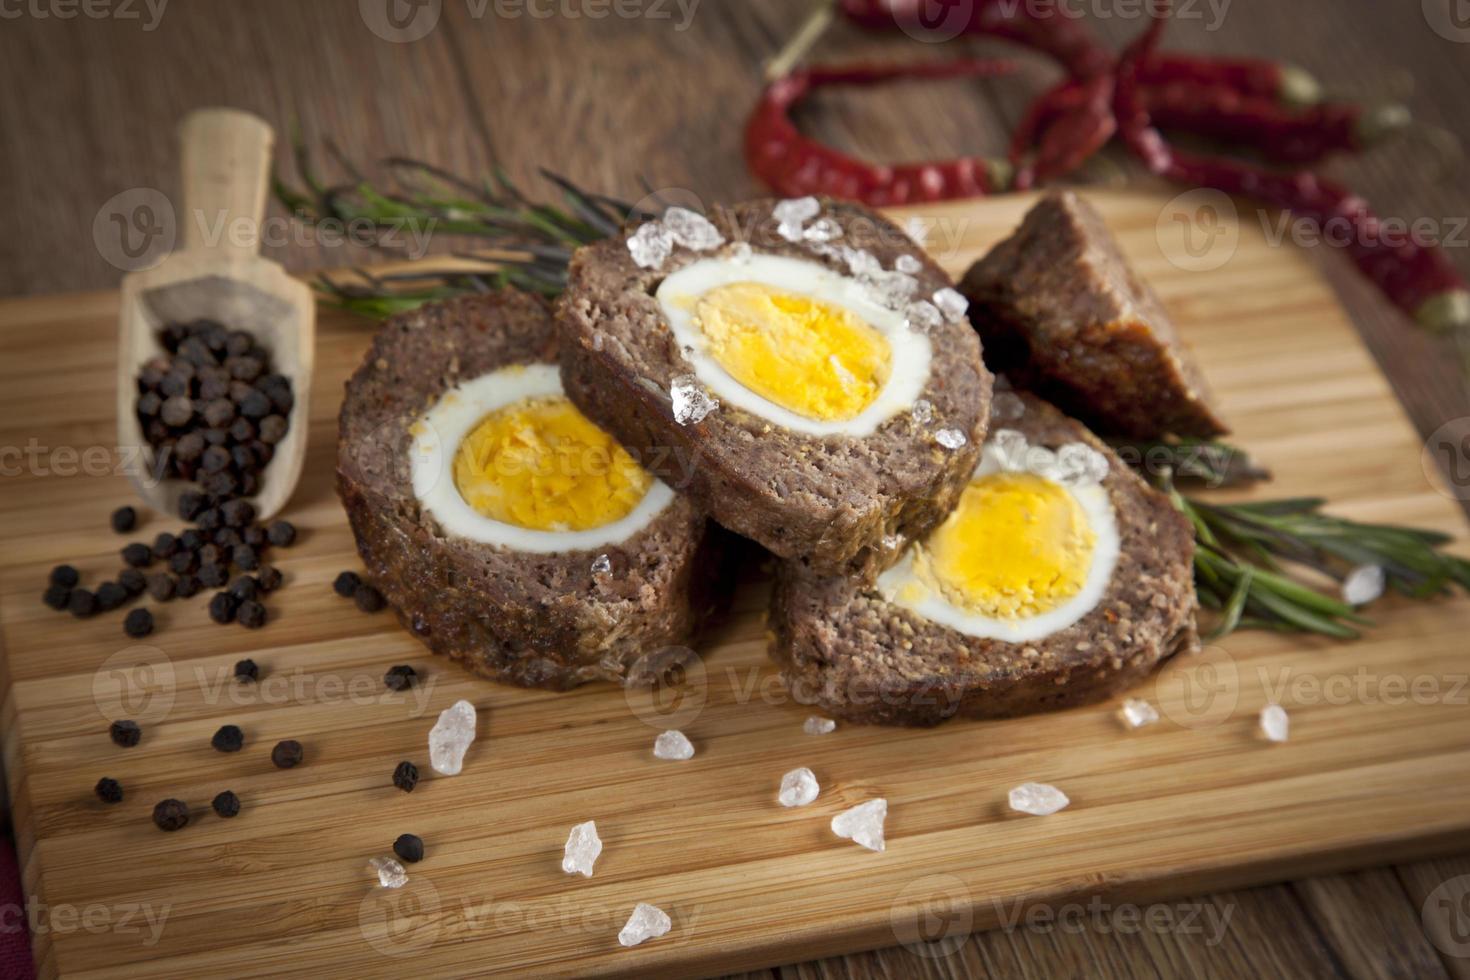 bakad köttfärslimpa med kokta ägg till påsk foto